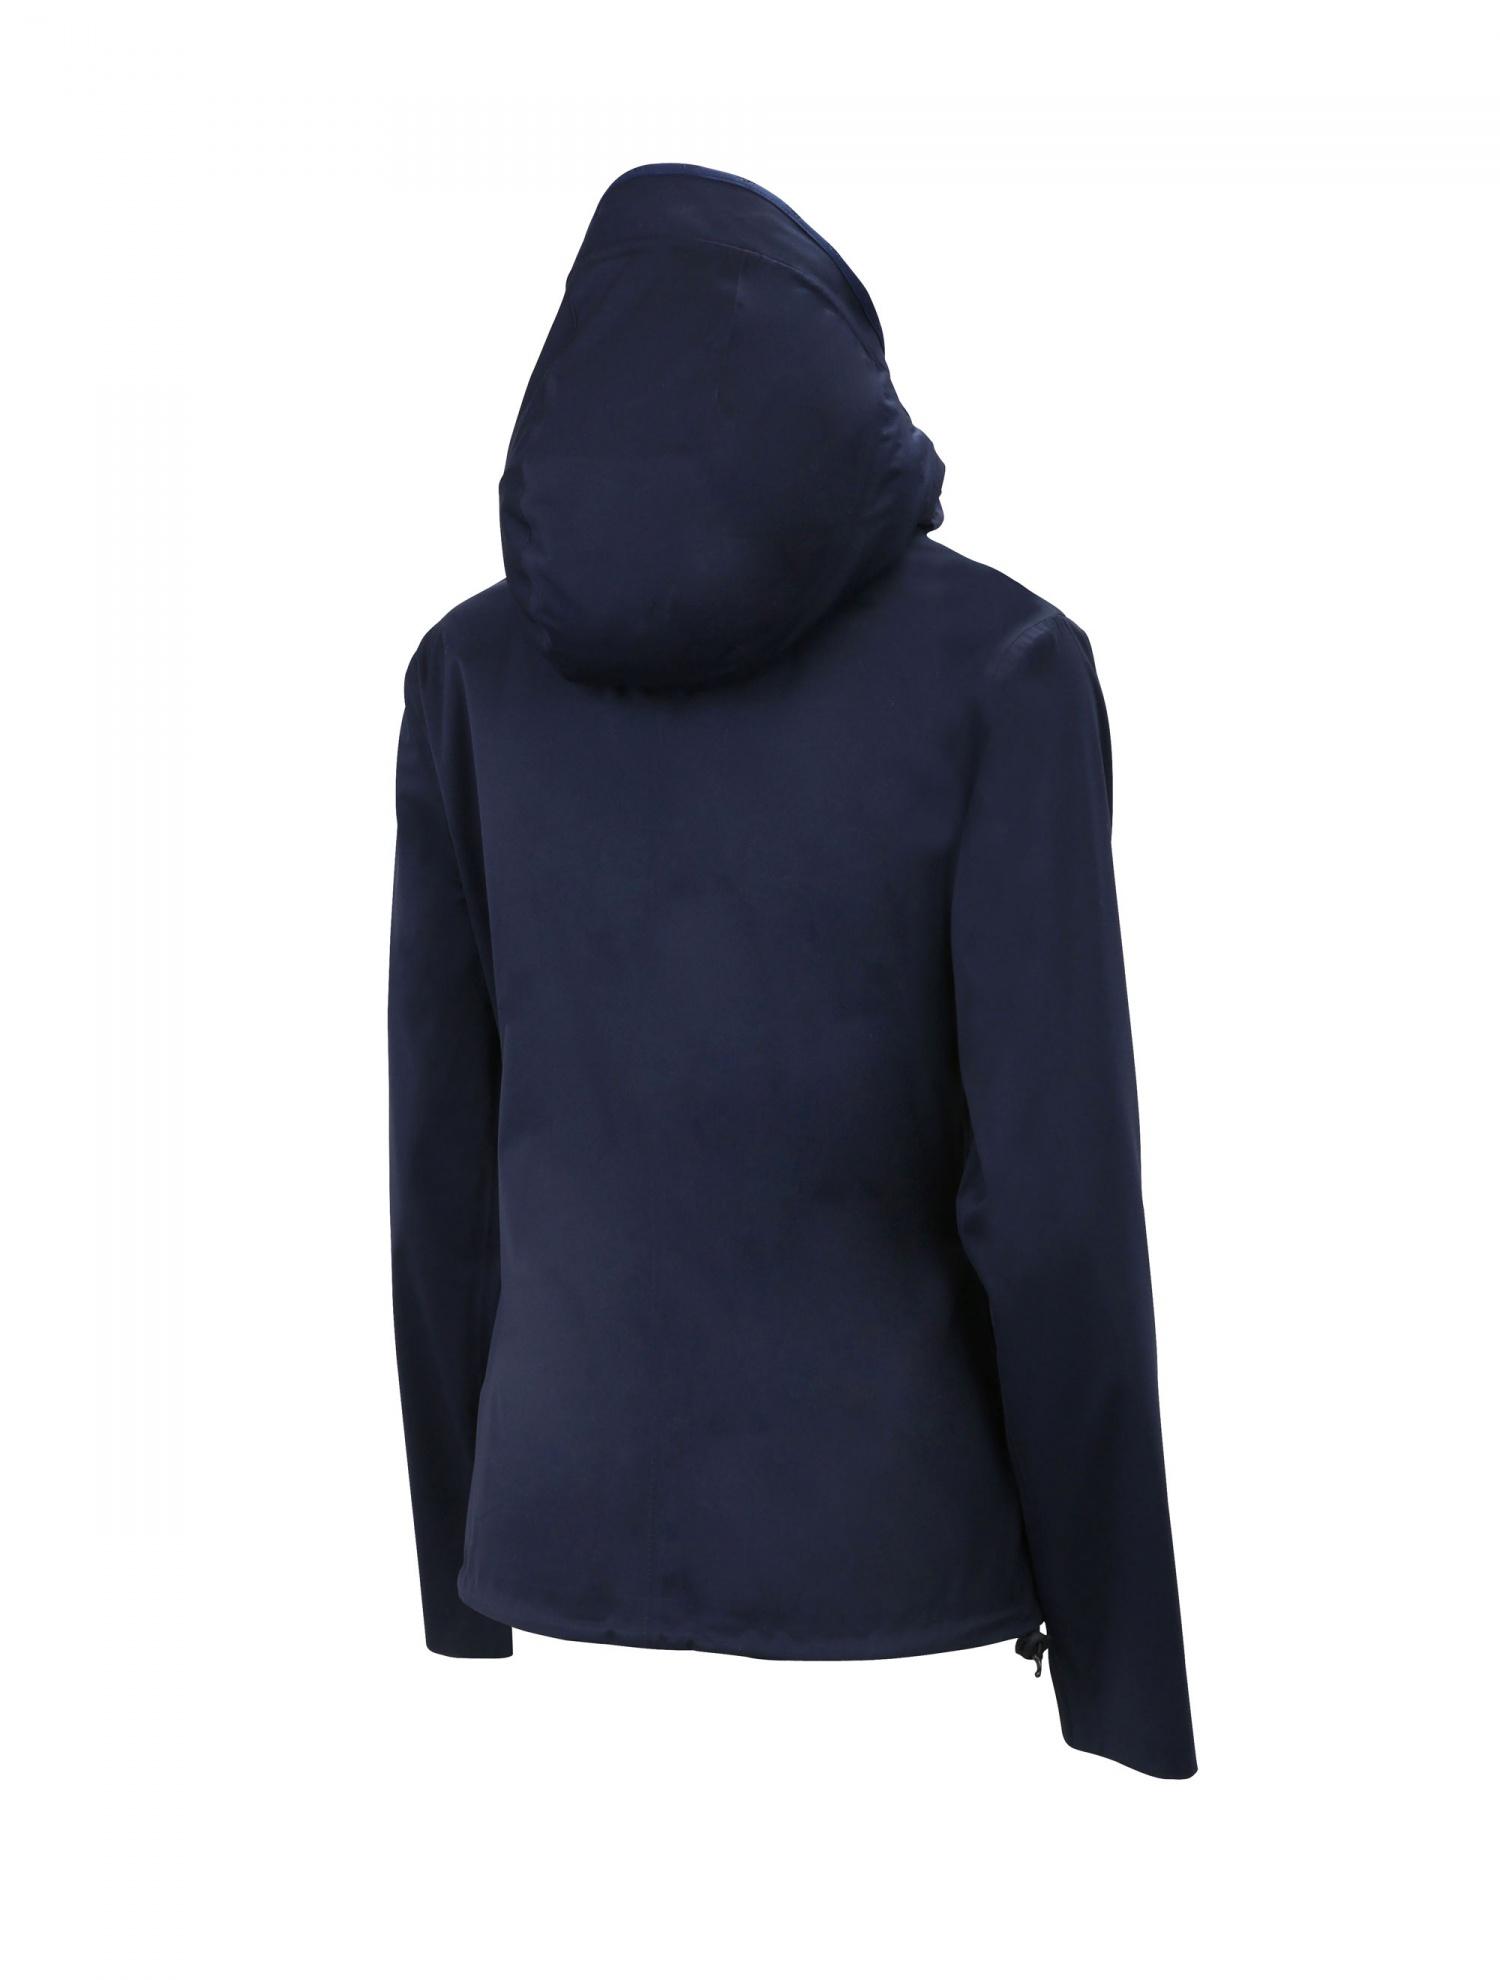 Veste pluie femme veste coupe vent impermeable homme femme jn195 r - Veste coupe vent impermeable femme ...